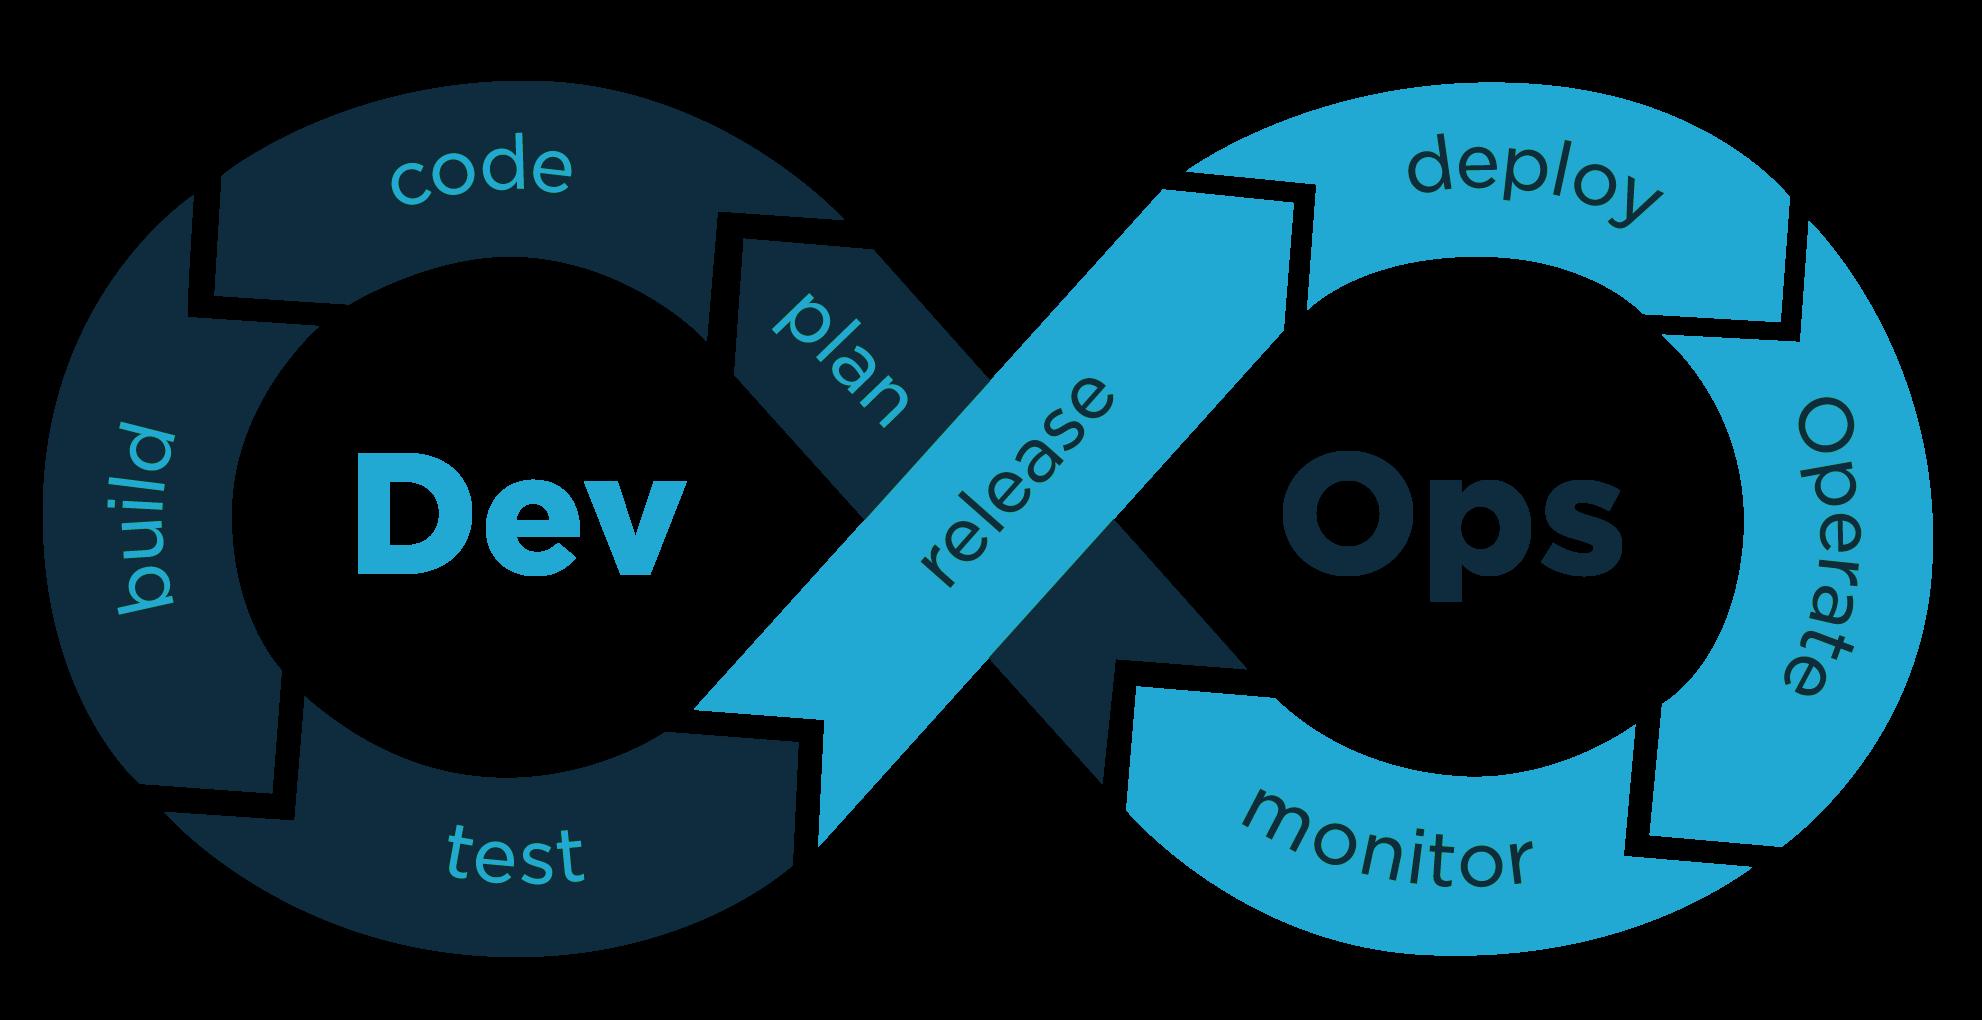 Redes y servicios automatizados con DevOps marcan la nueva era.